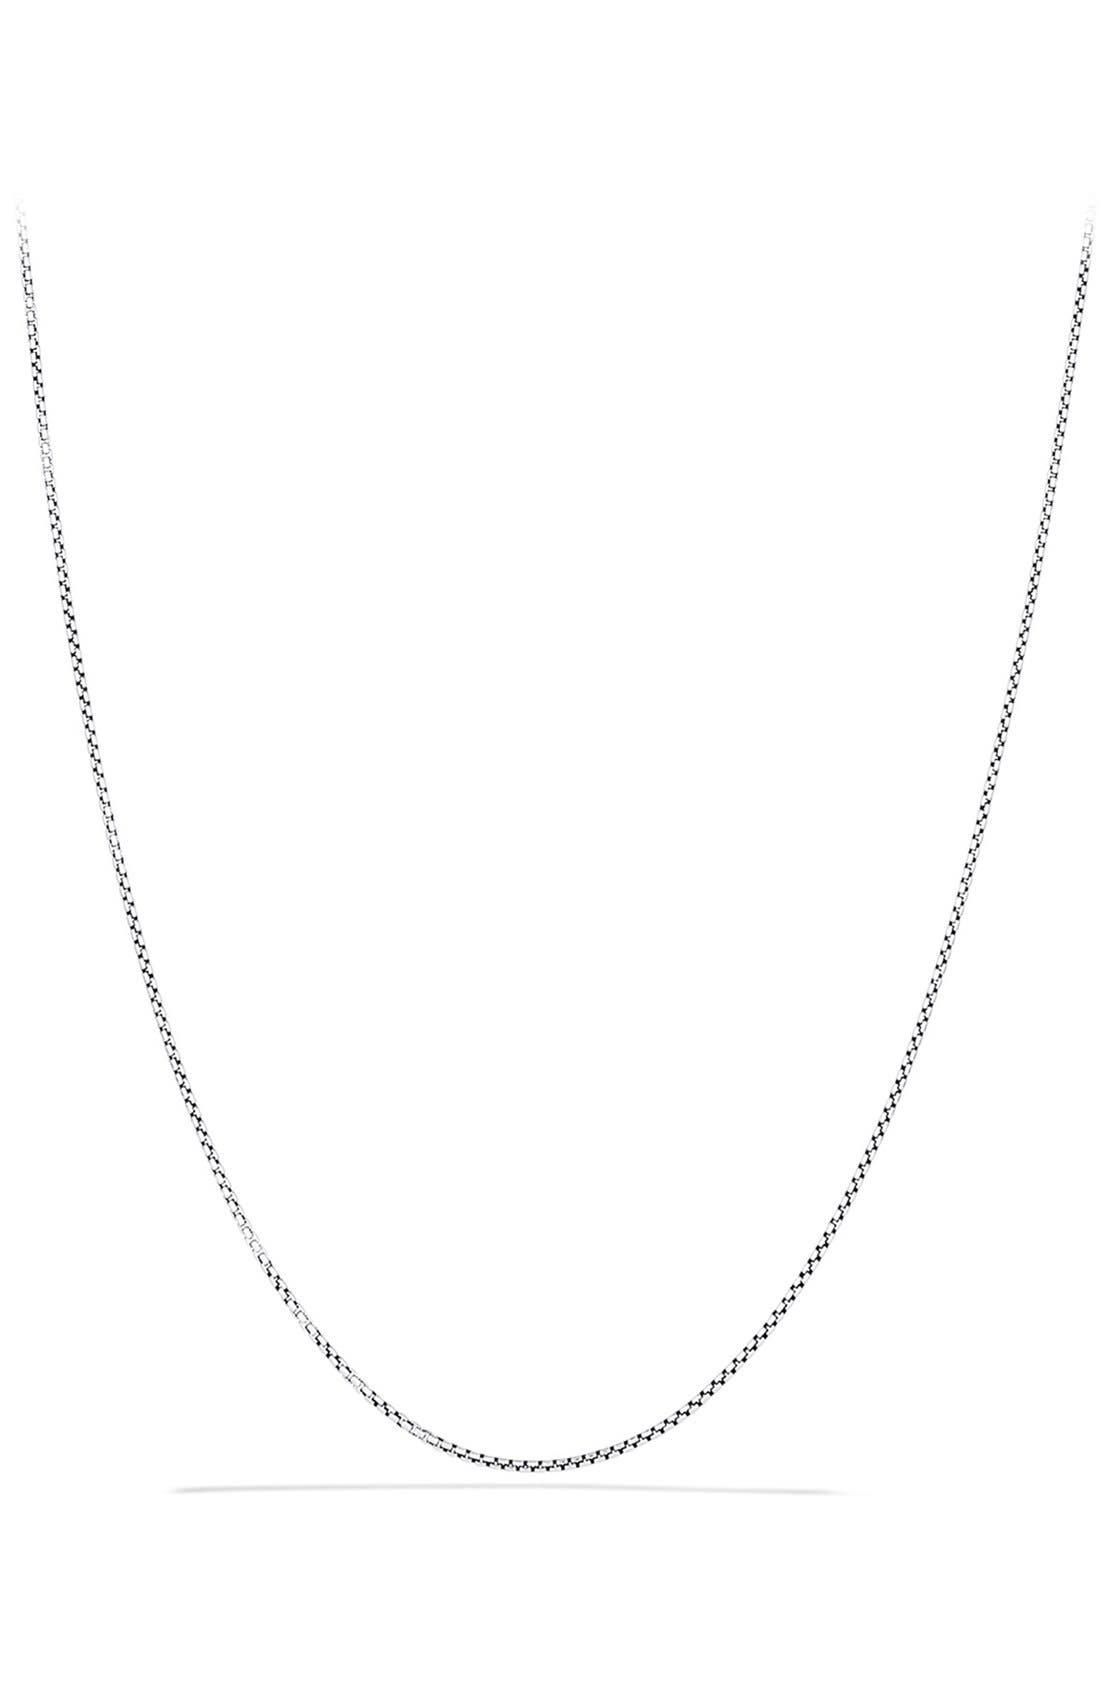 David Yurman 'Chain' Baby Box Chain Necklace